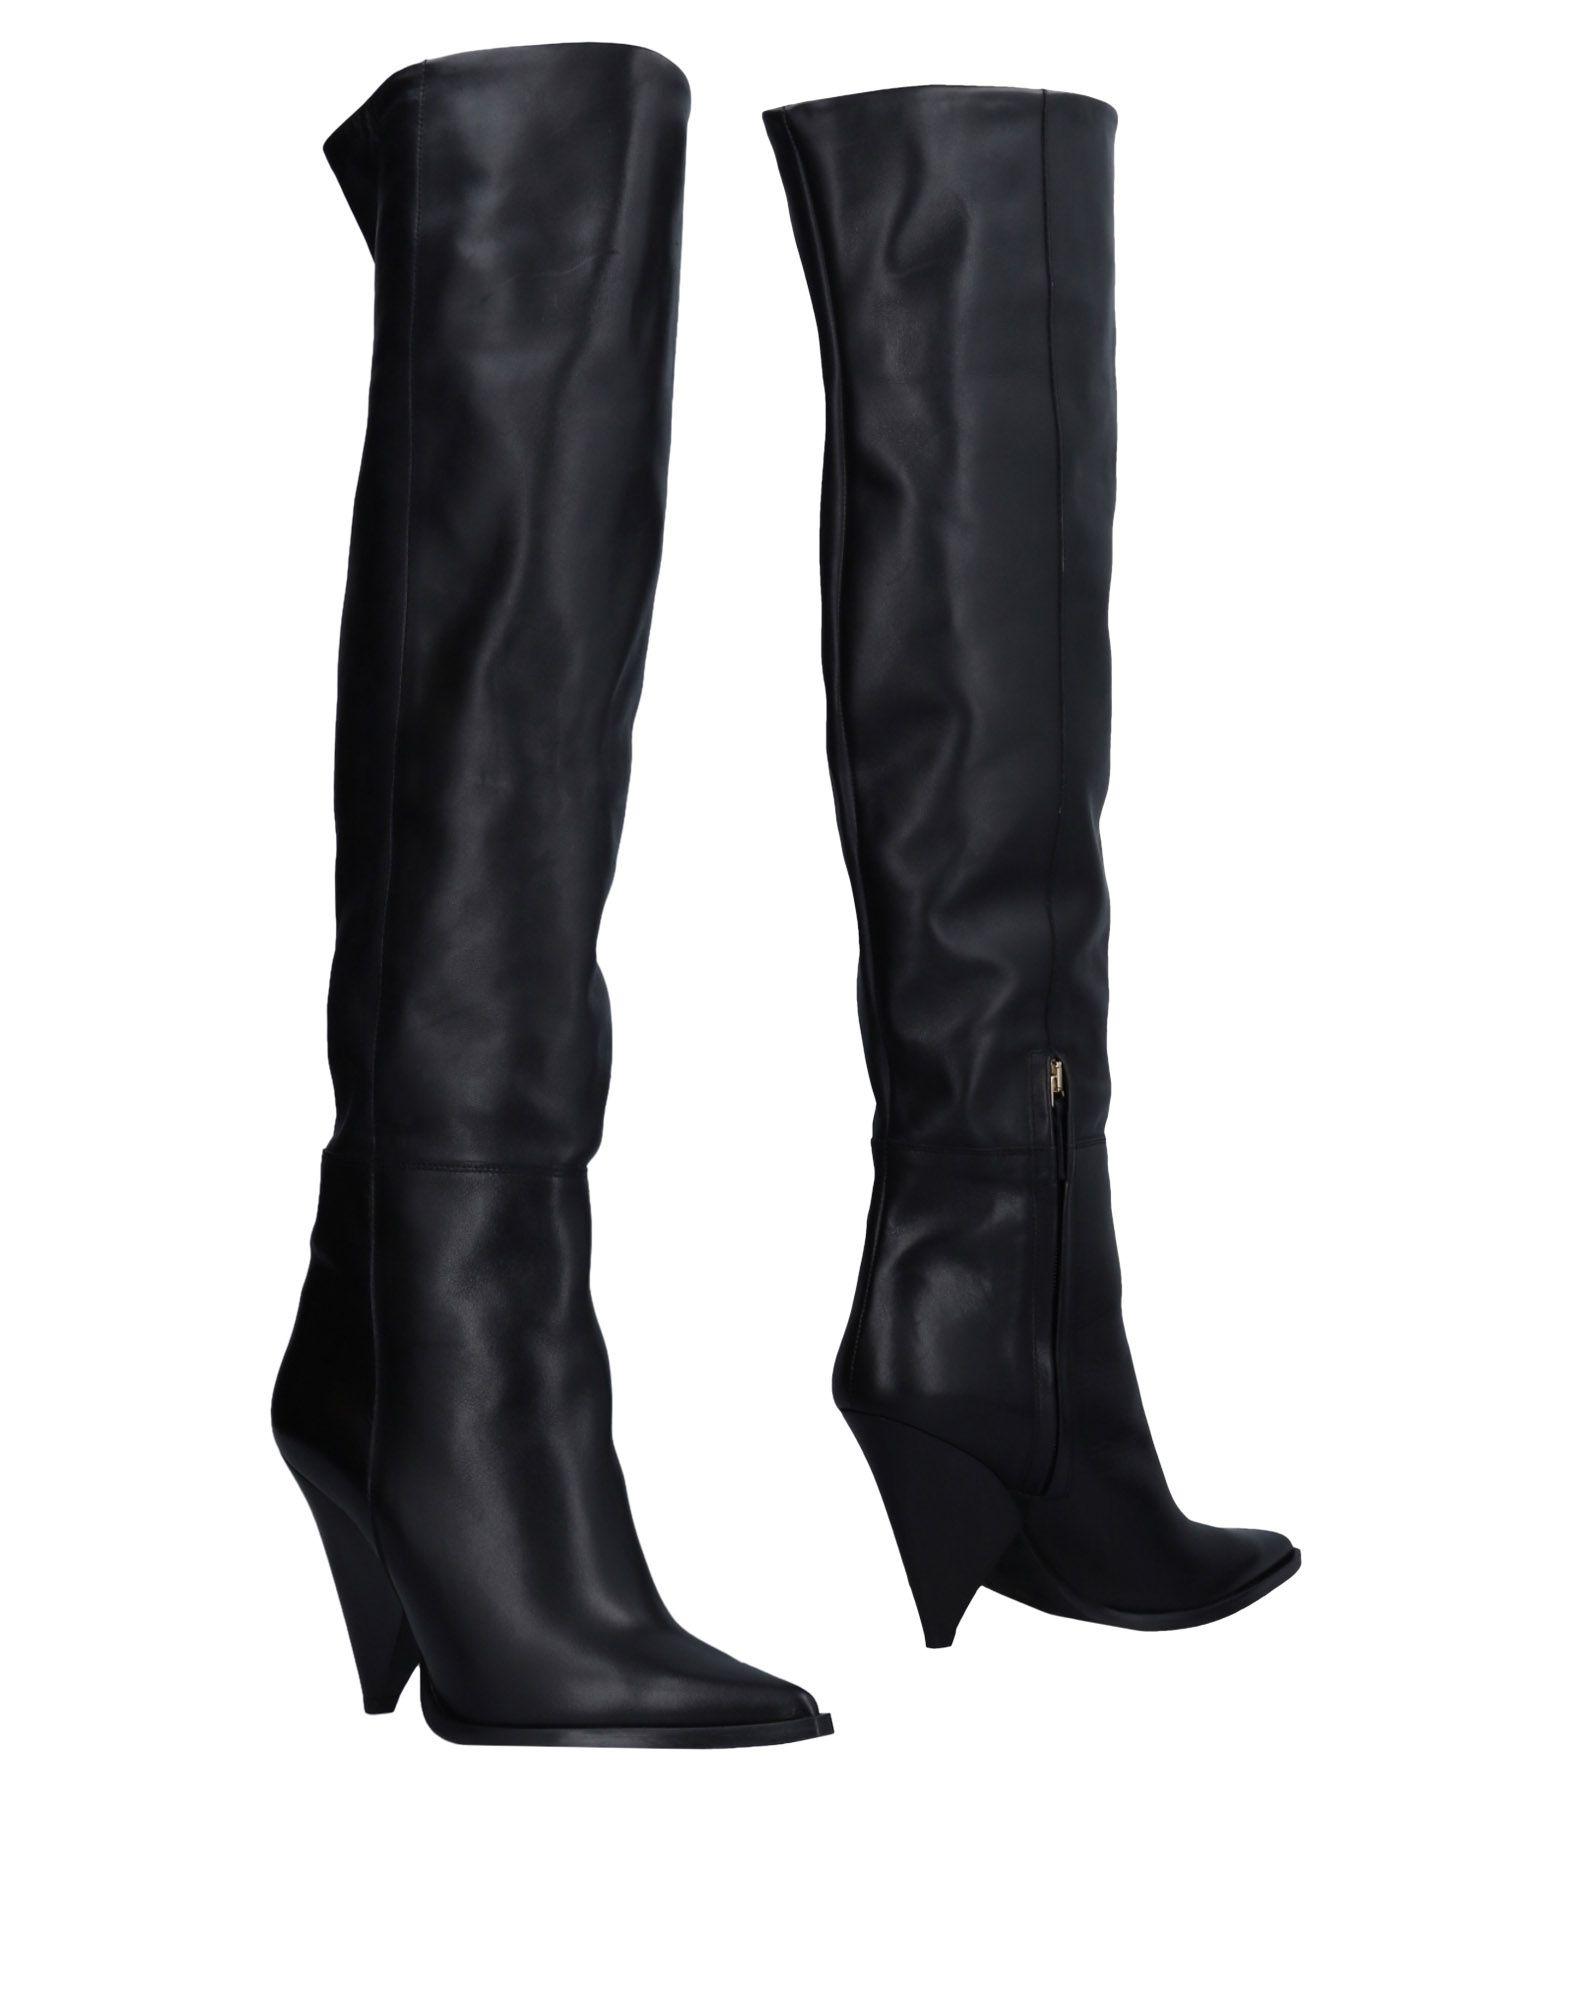 Aldo Castagna Stiefel aussehende Damen  11488720FKGut aussehende Stiefel strapazierfähige Schuhe a2fd66